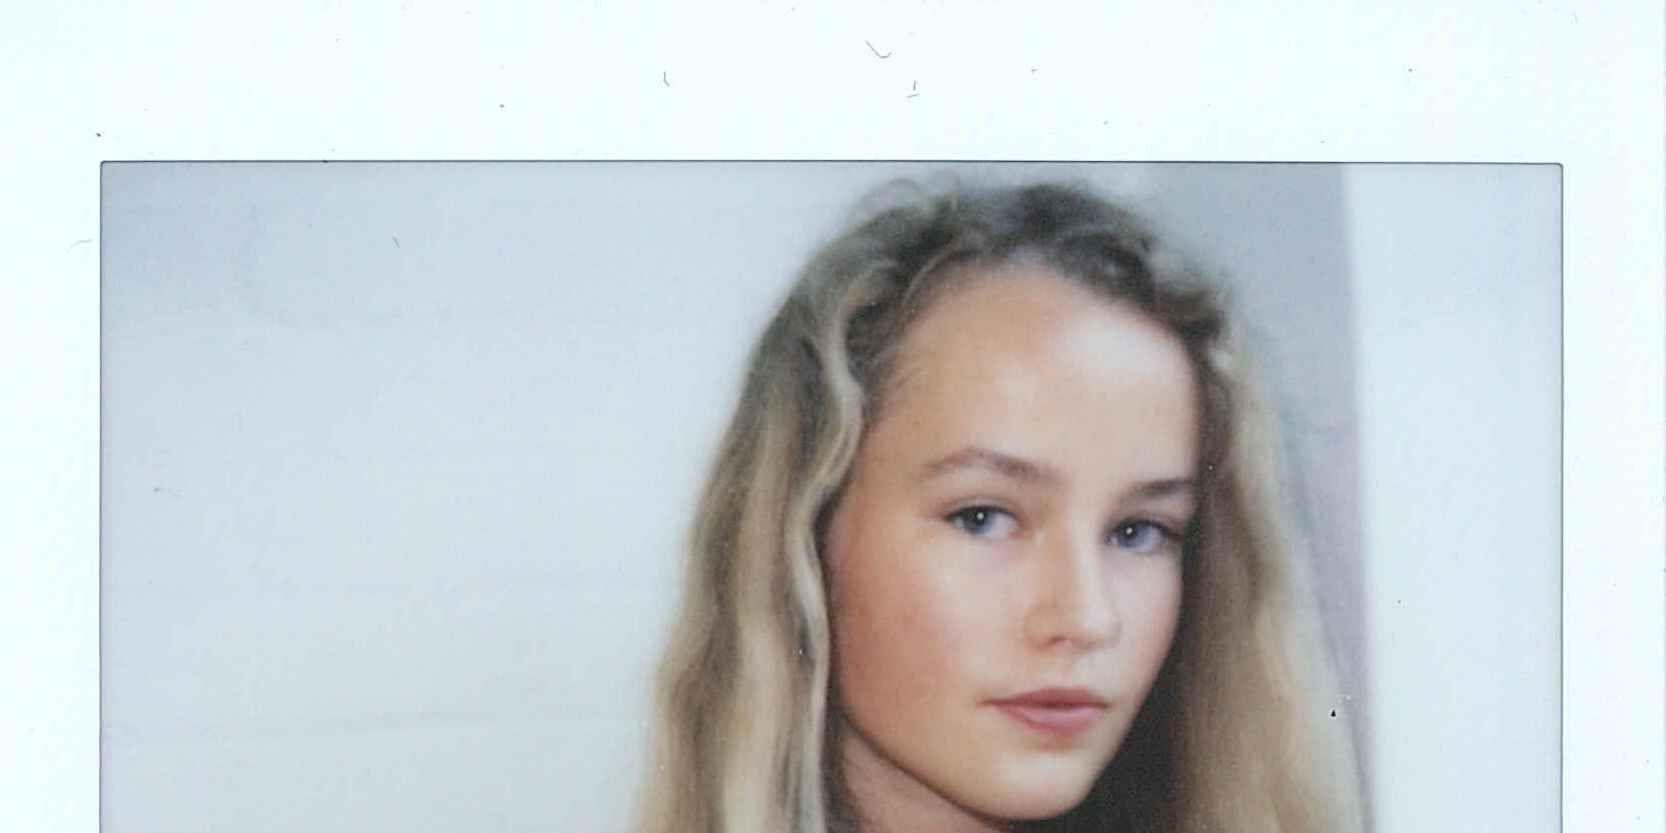 Hanna Halvorsen